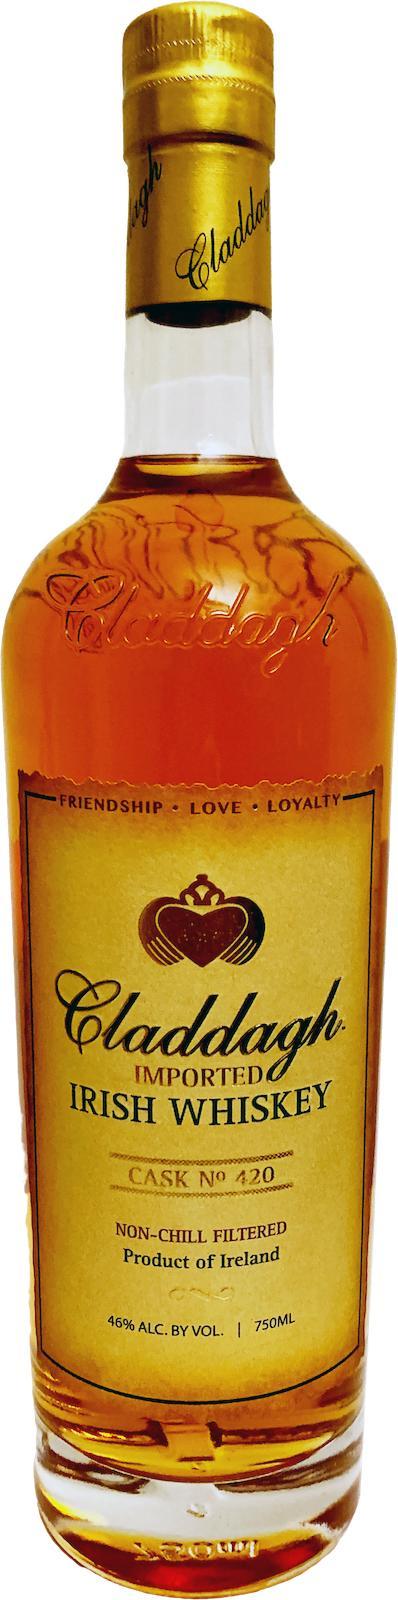 Claddagh Irish Whiskey